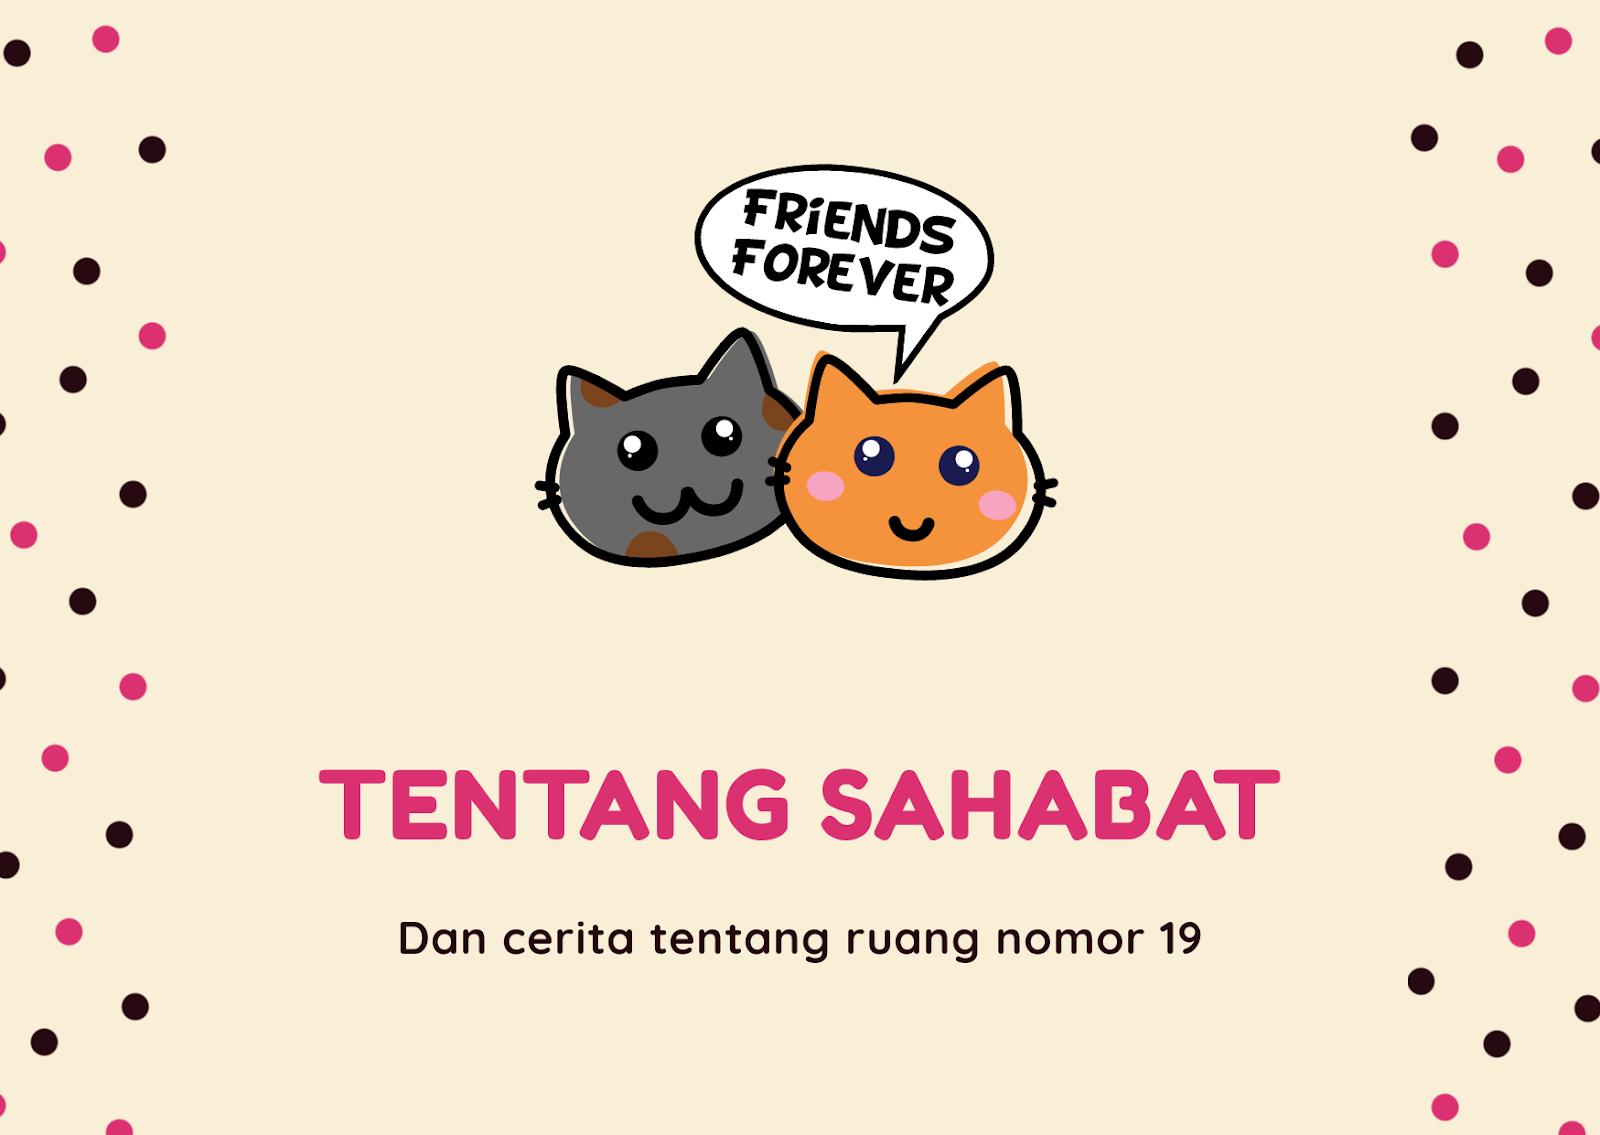 Tentang Sahabat